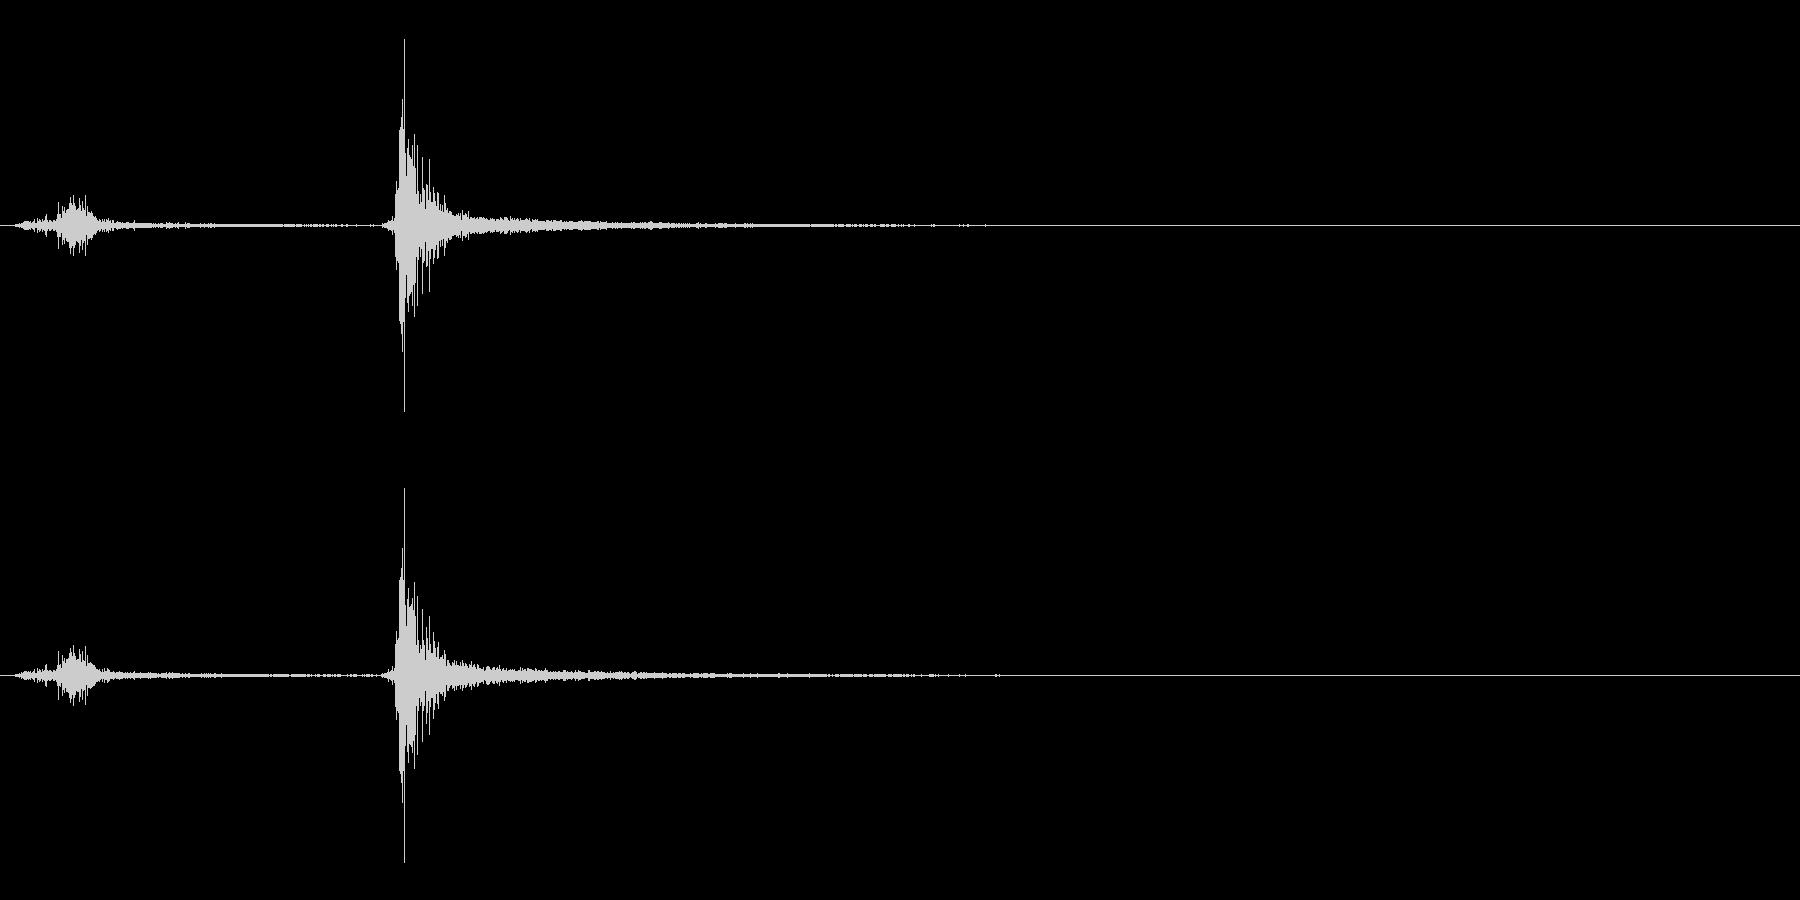 「スッチャッ!」木製シェイカー振り音FXの未再生の波形